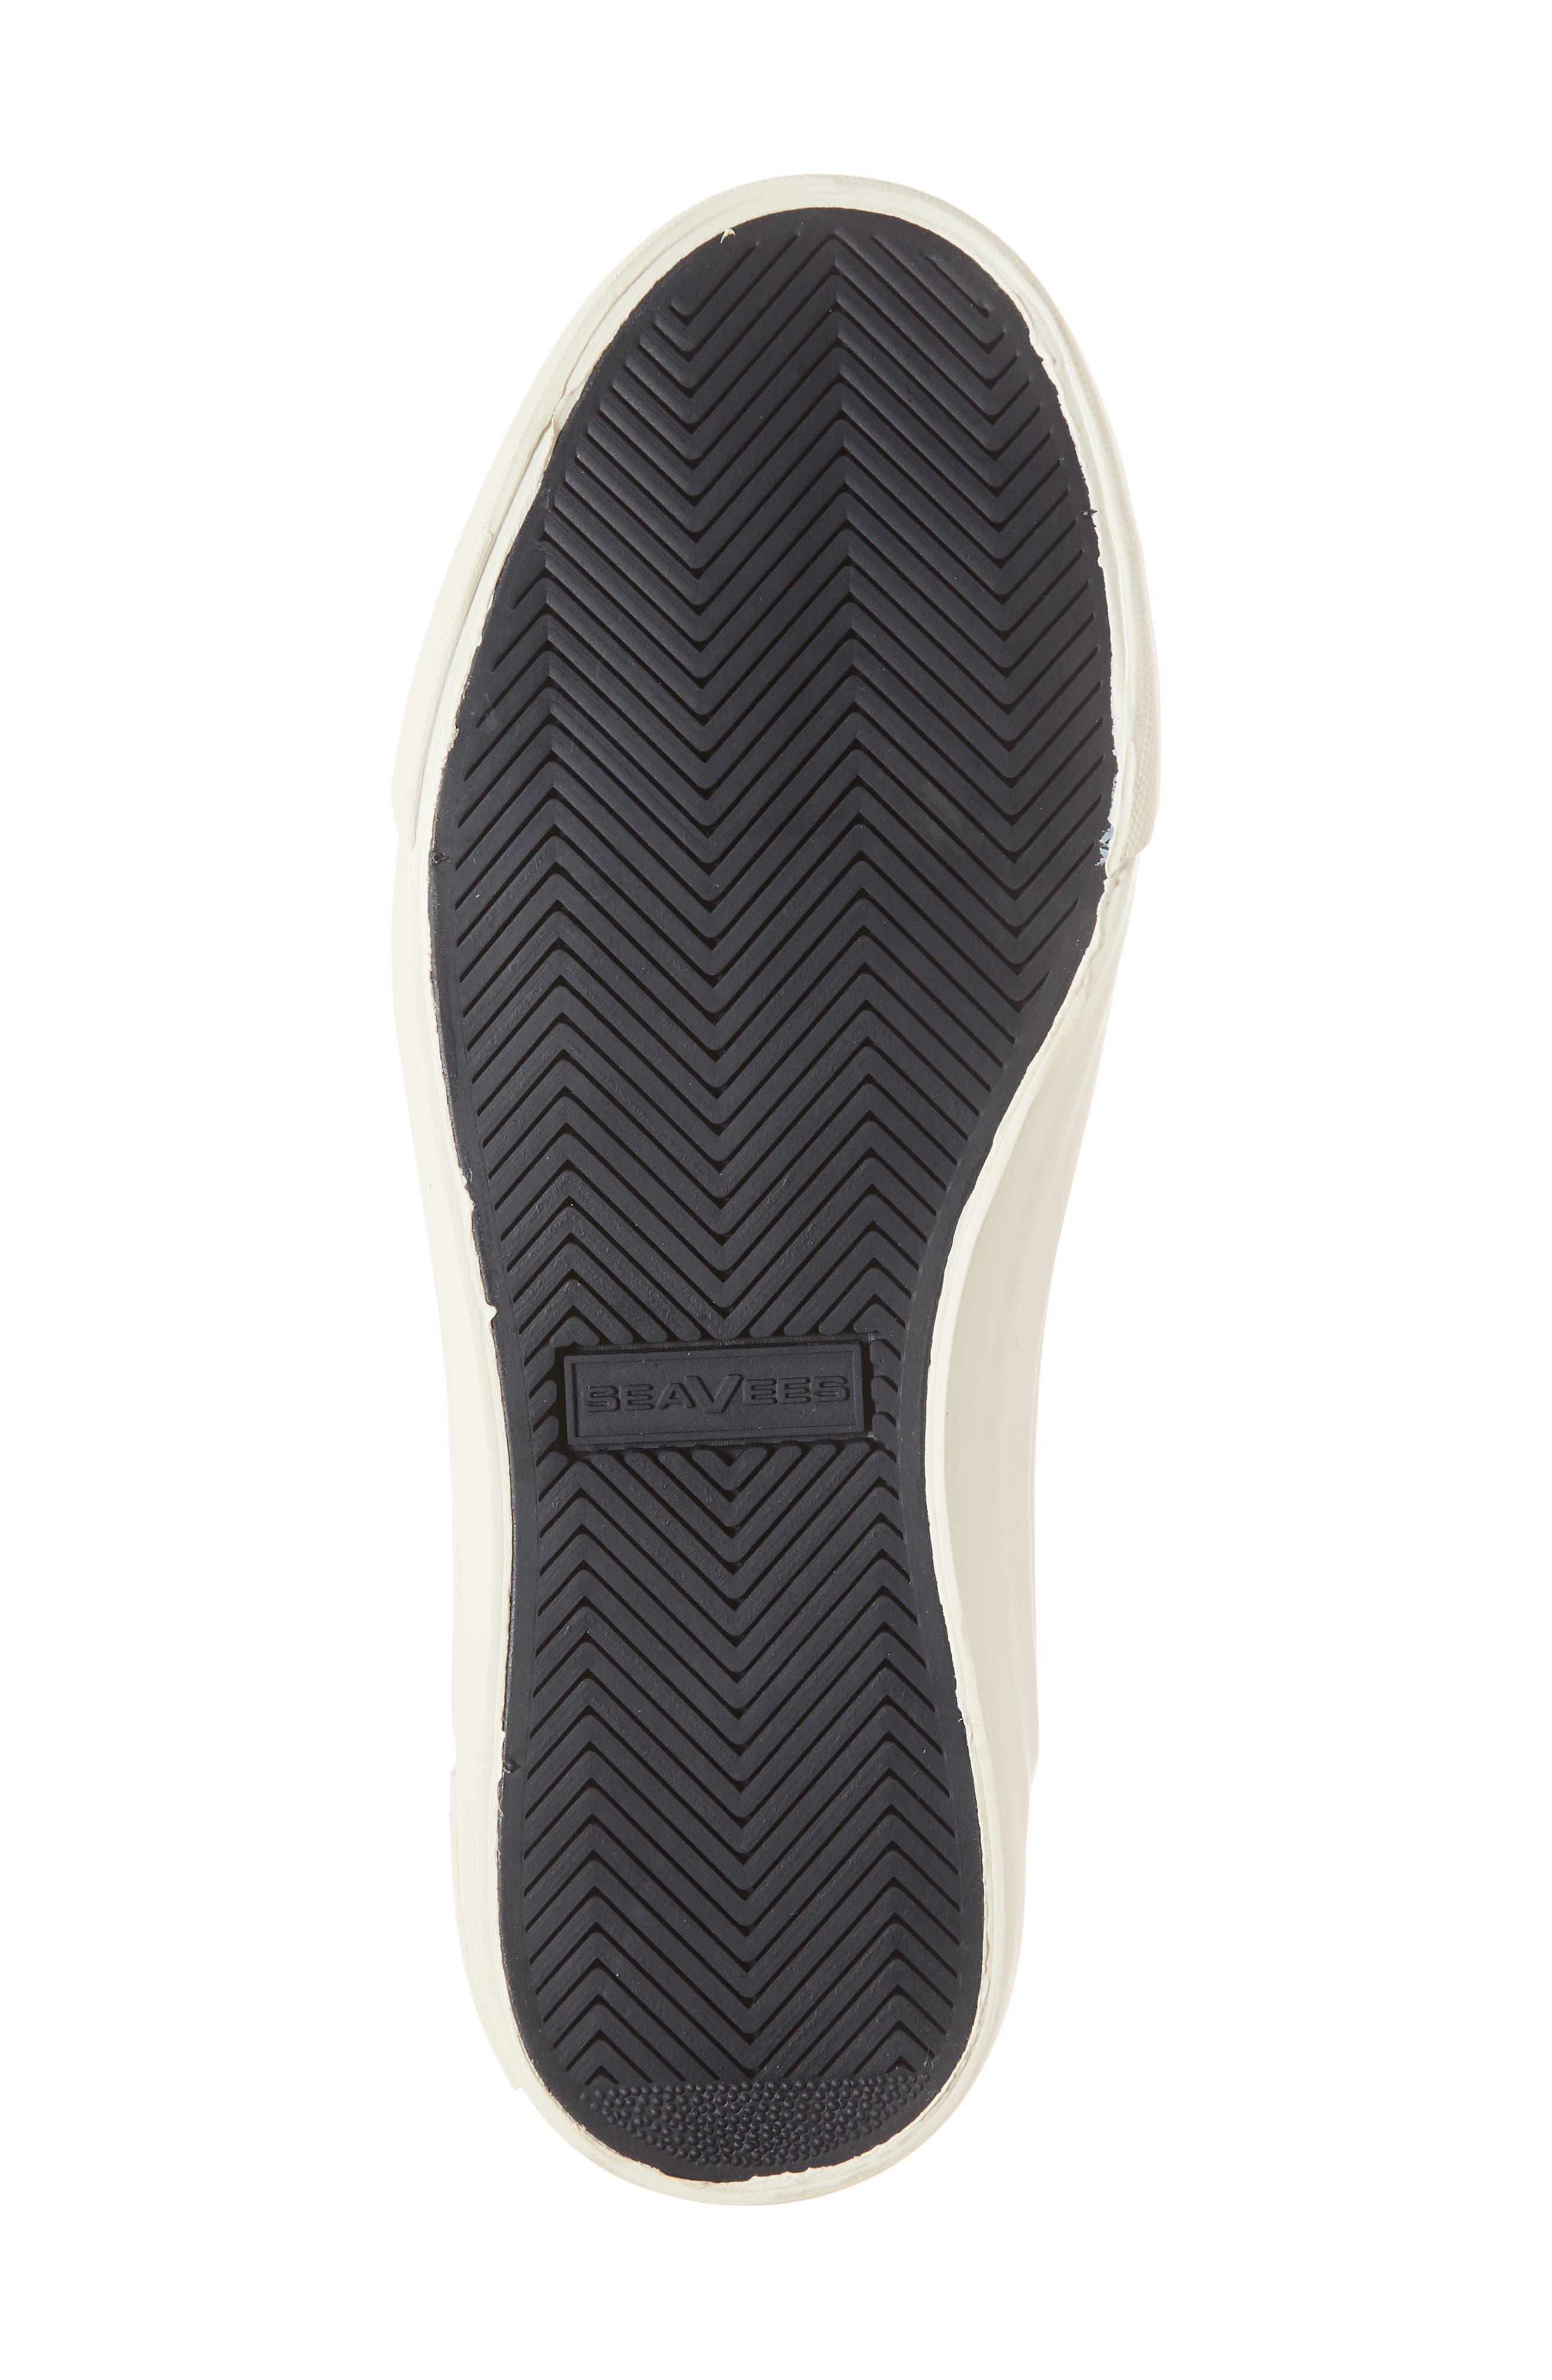 Huntington Middie Slip-On Sneaker,                             Alternate thumbnail 6, color,                             Dune